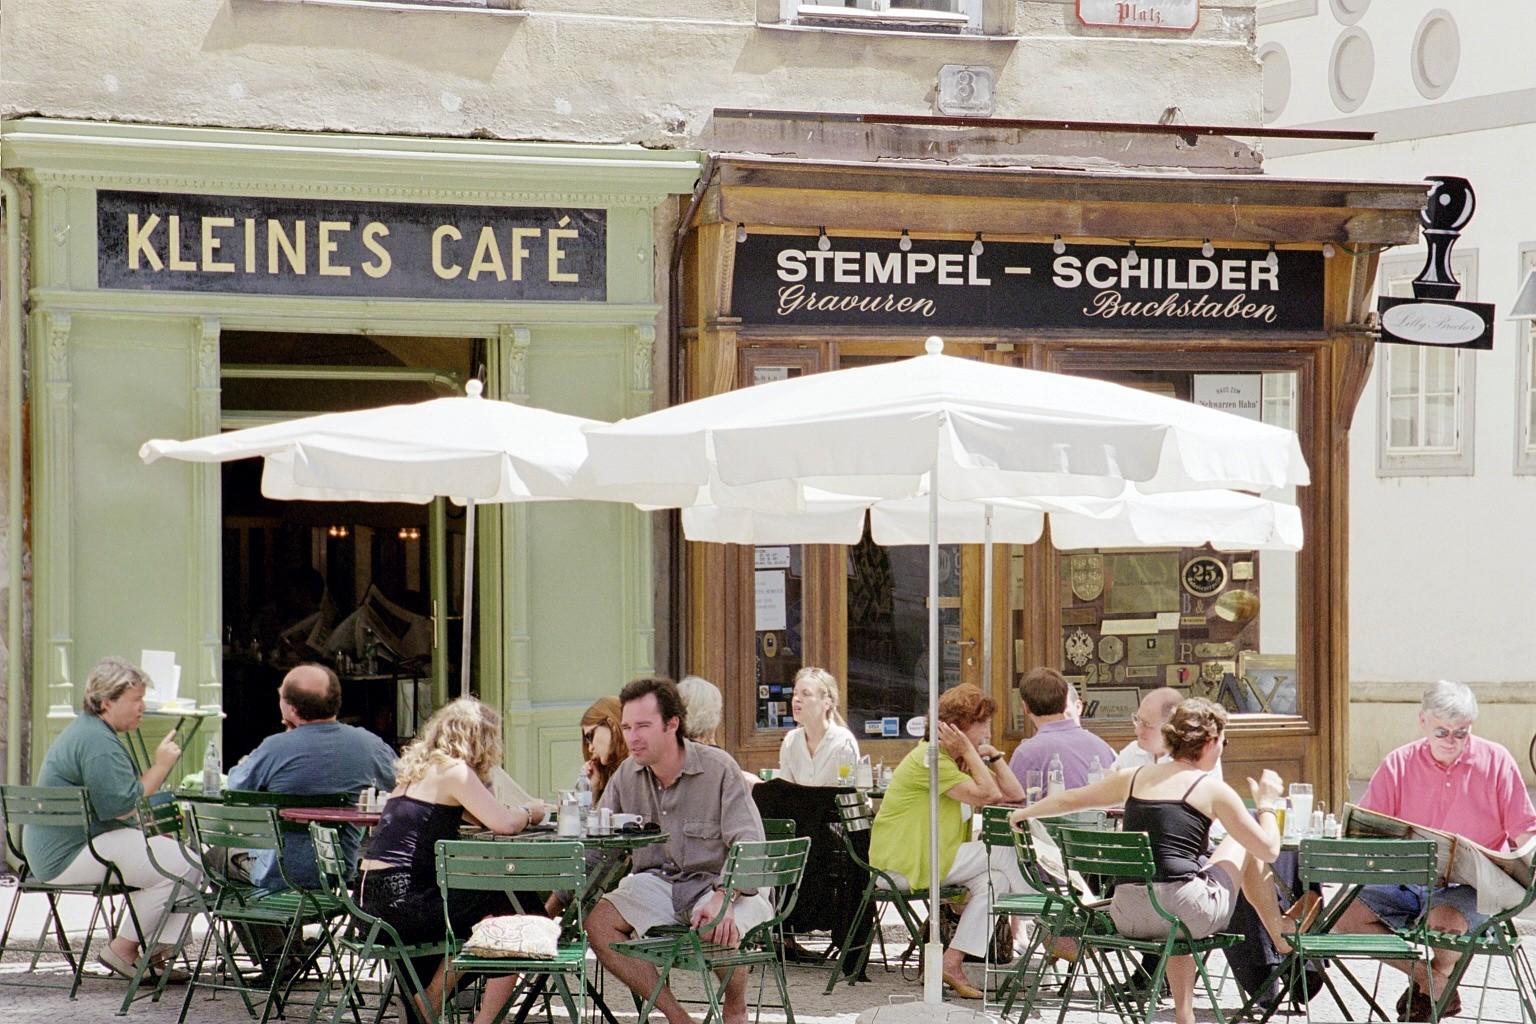 Franziskanerplatz, Kleines Cafe, 2002